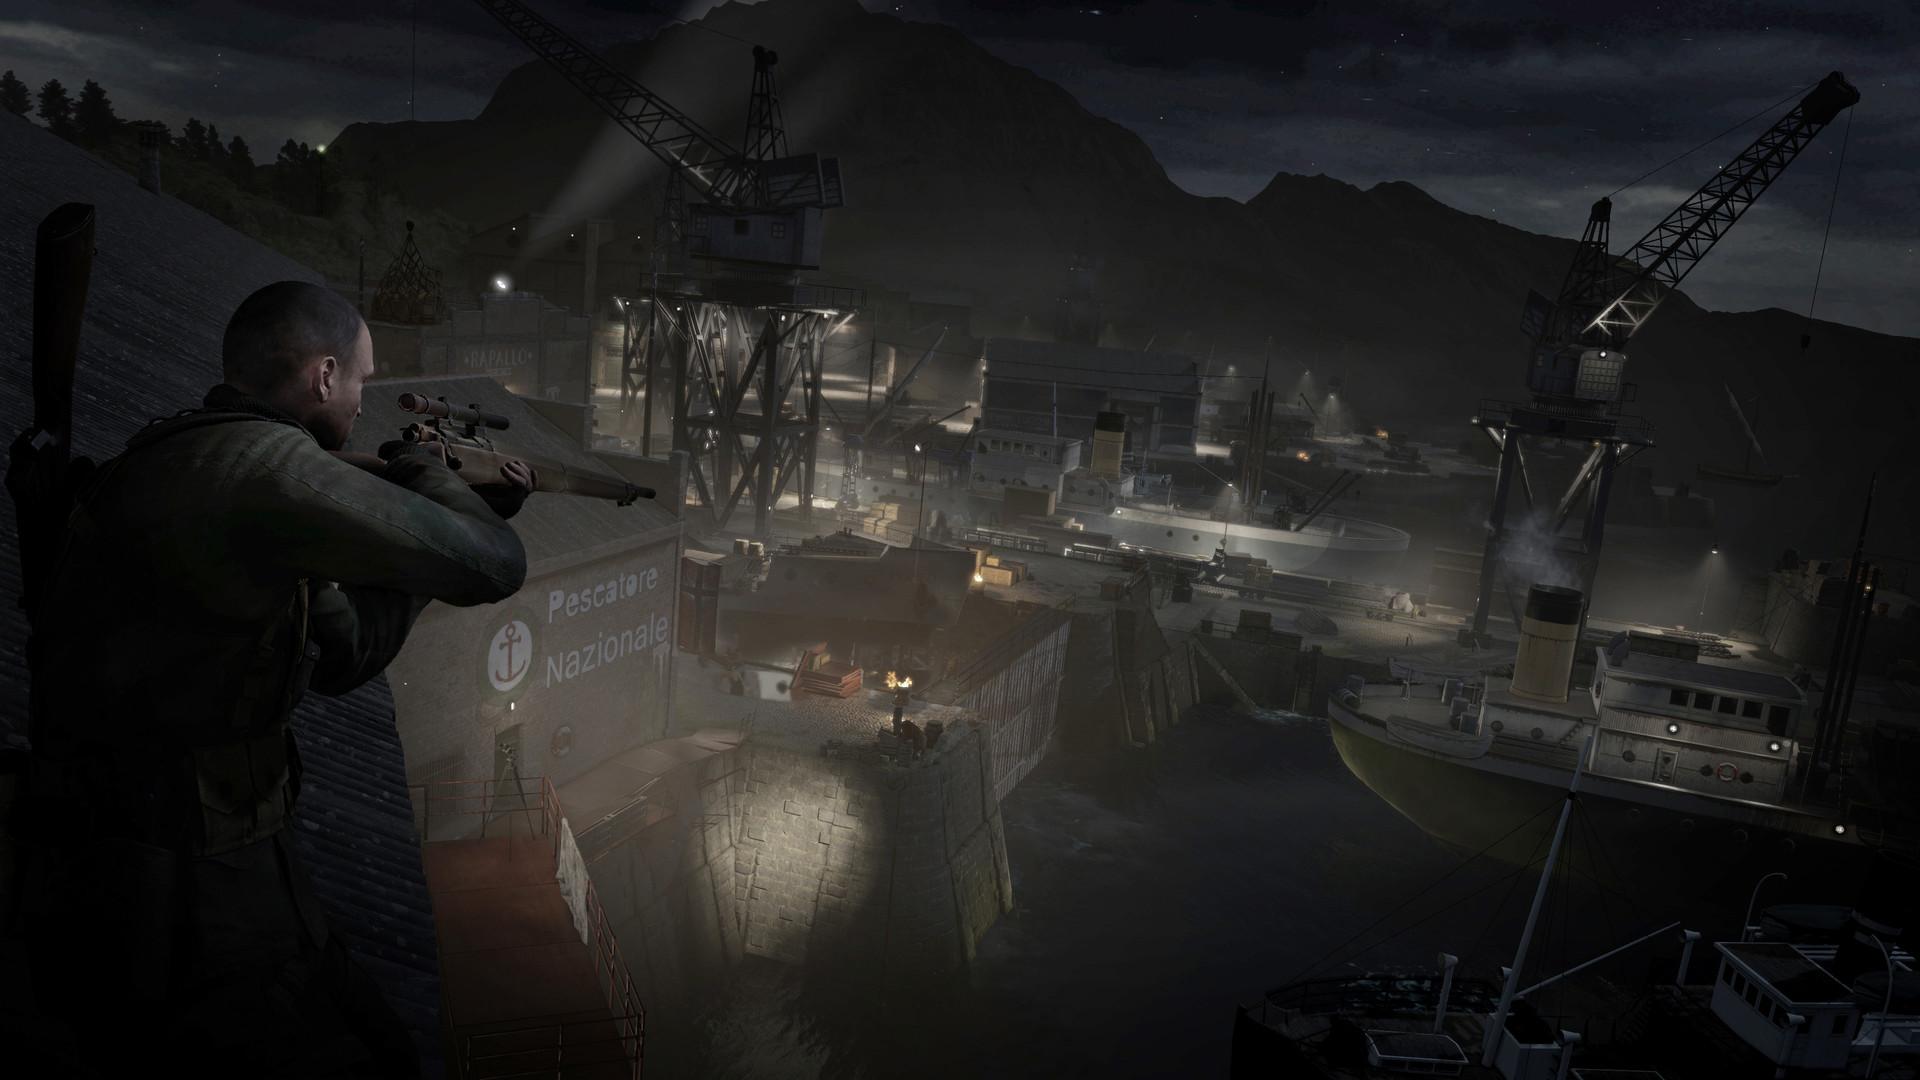 狙击精英4游戏图片欣赏